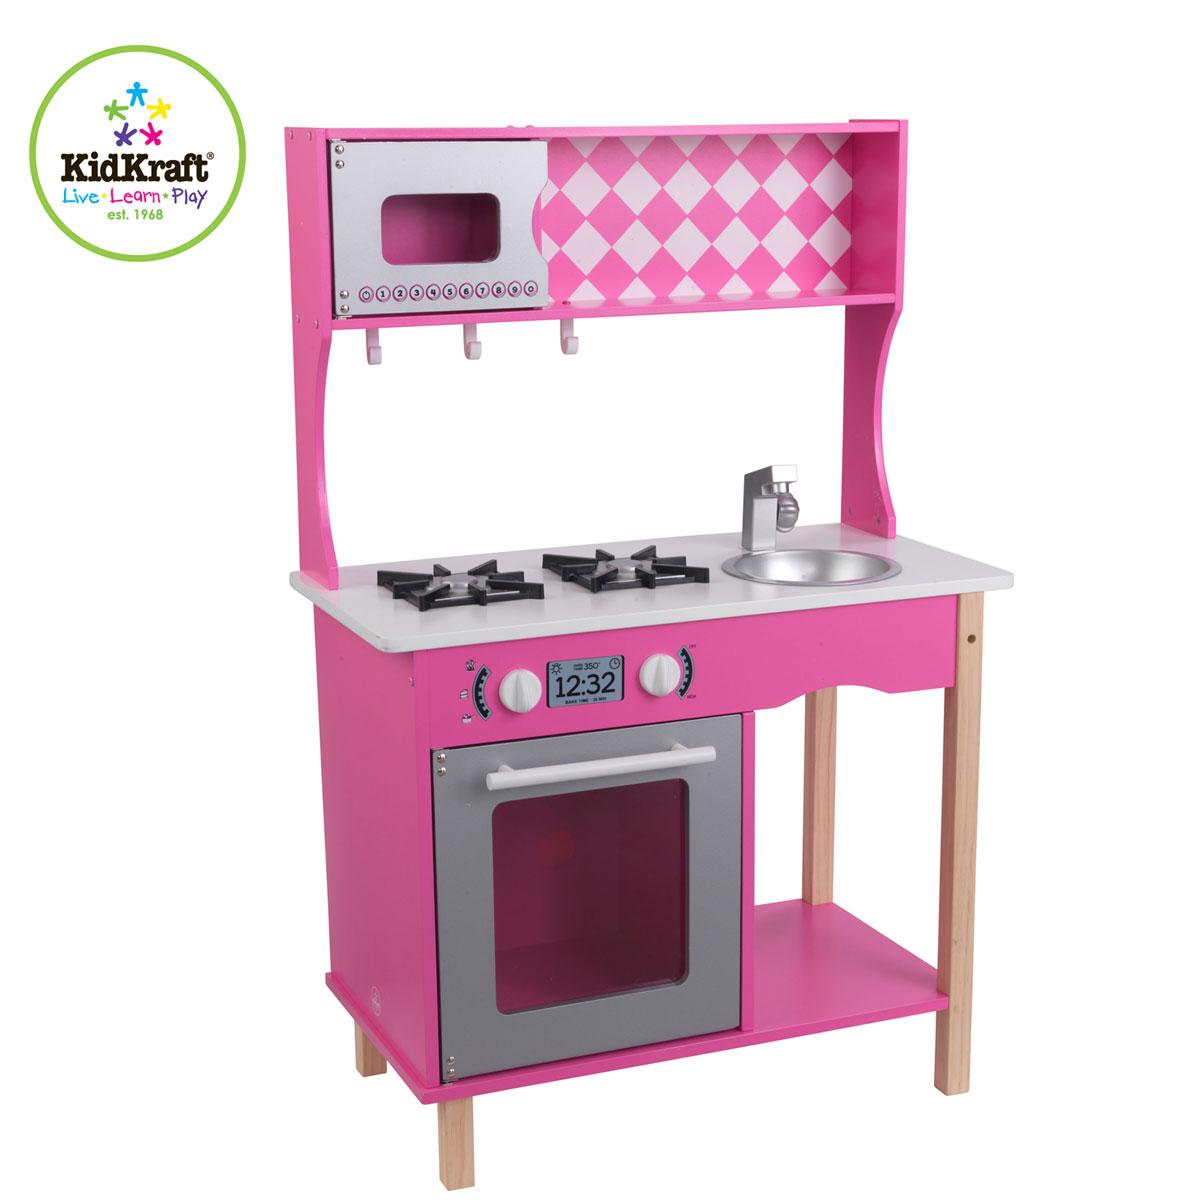 Kidkraft sweet sorbet kitchen 53343 pirum wooden toys - Cuisine bois enfant kidkraft ...